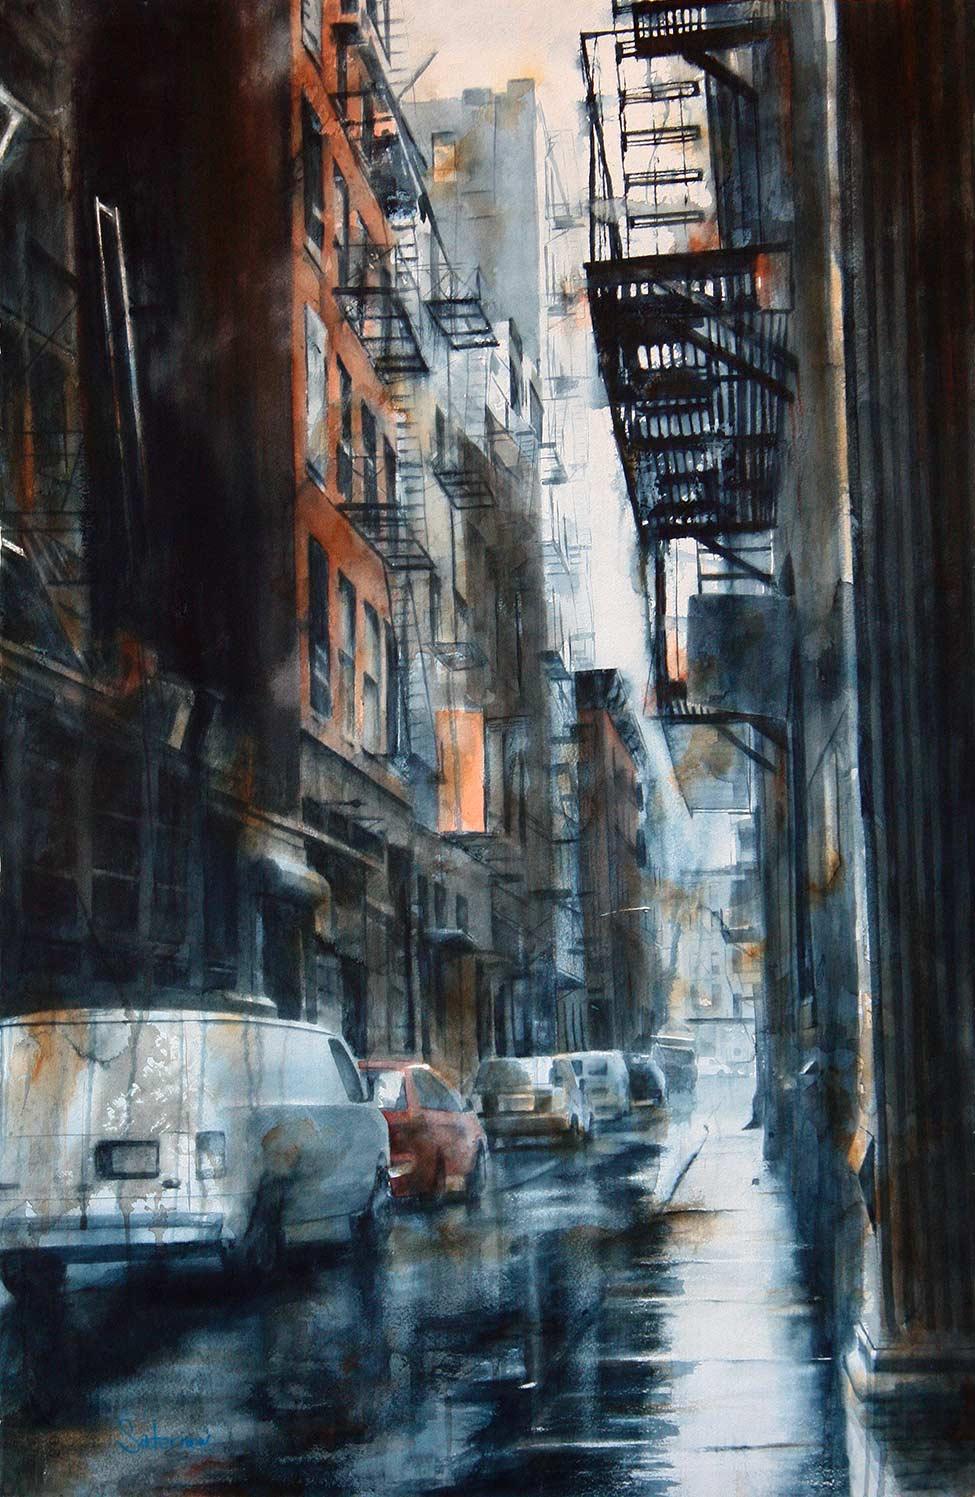 Cortlandt Alley, rain